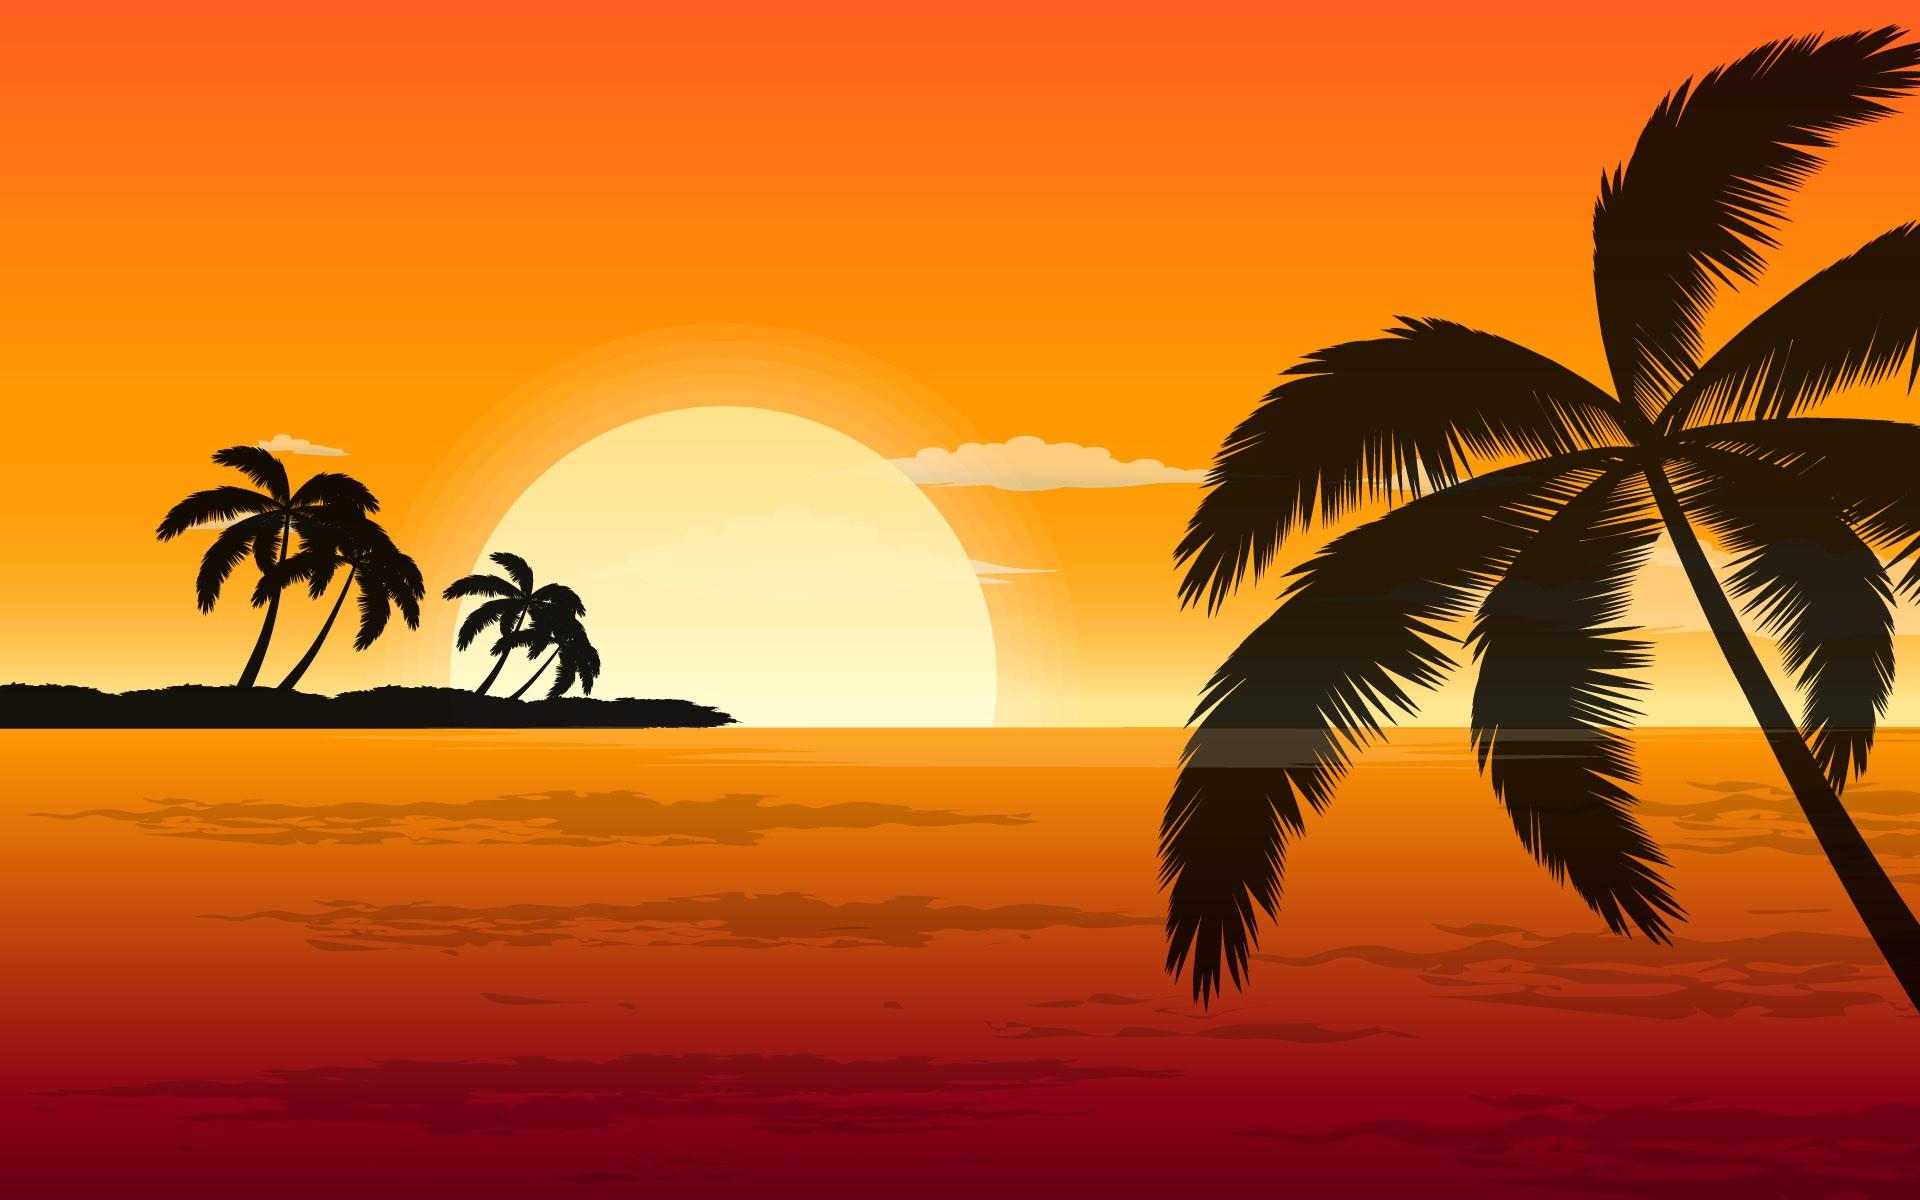 Palm Tree Art Desktop Wallpaper 49771 1920x1200 px ~ HDWallSource.com